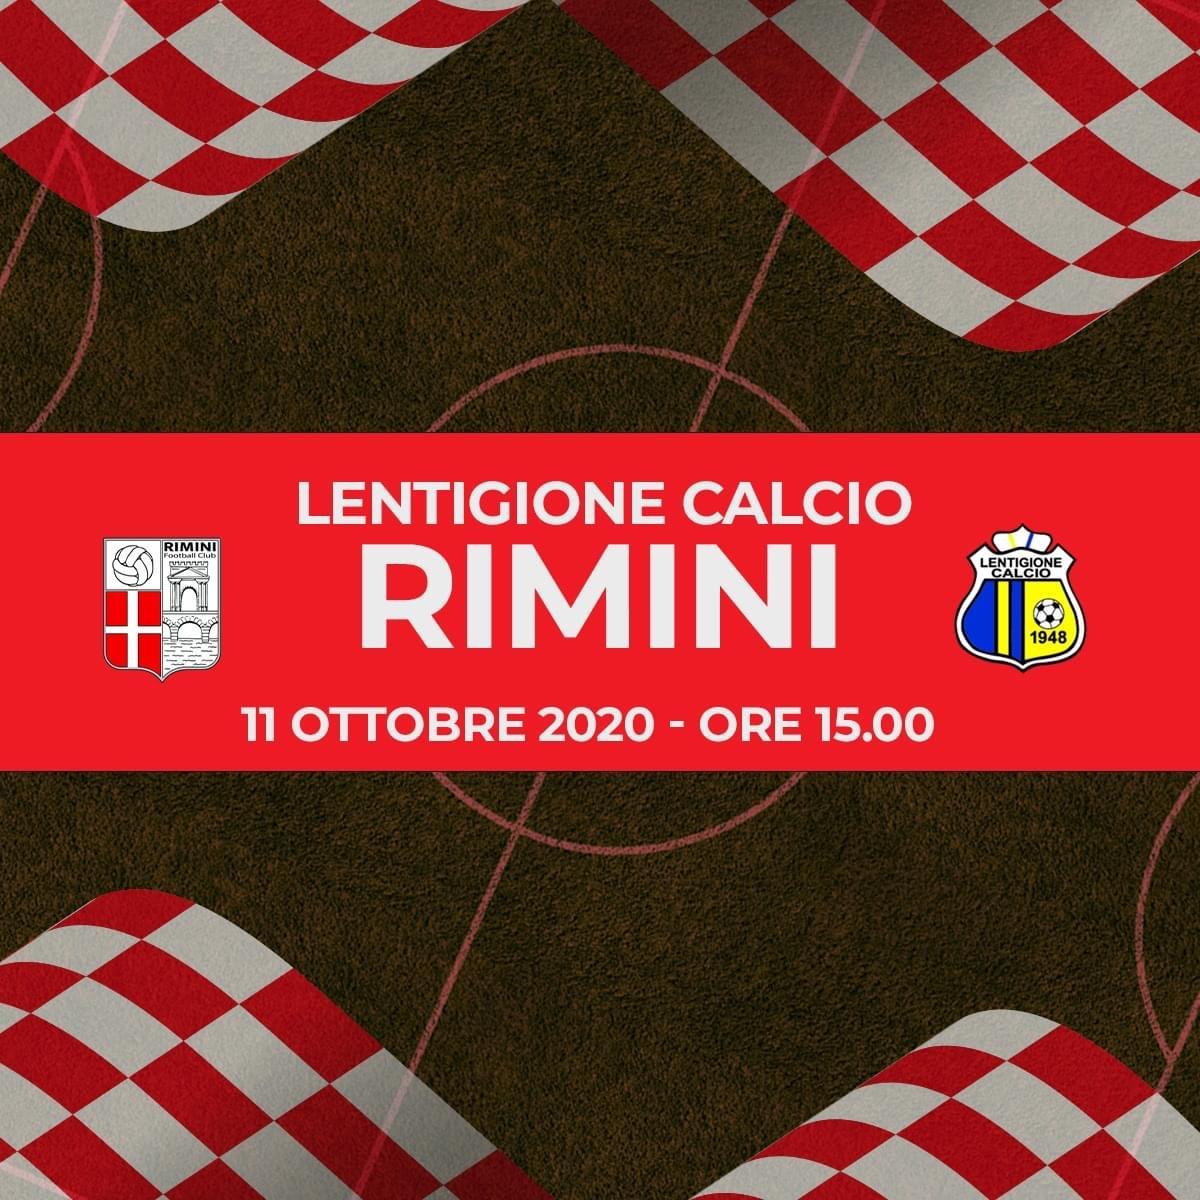 Buon pareggio per i biancorossi.Lentigione-Rimini 1-1